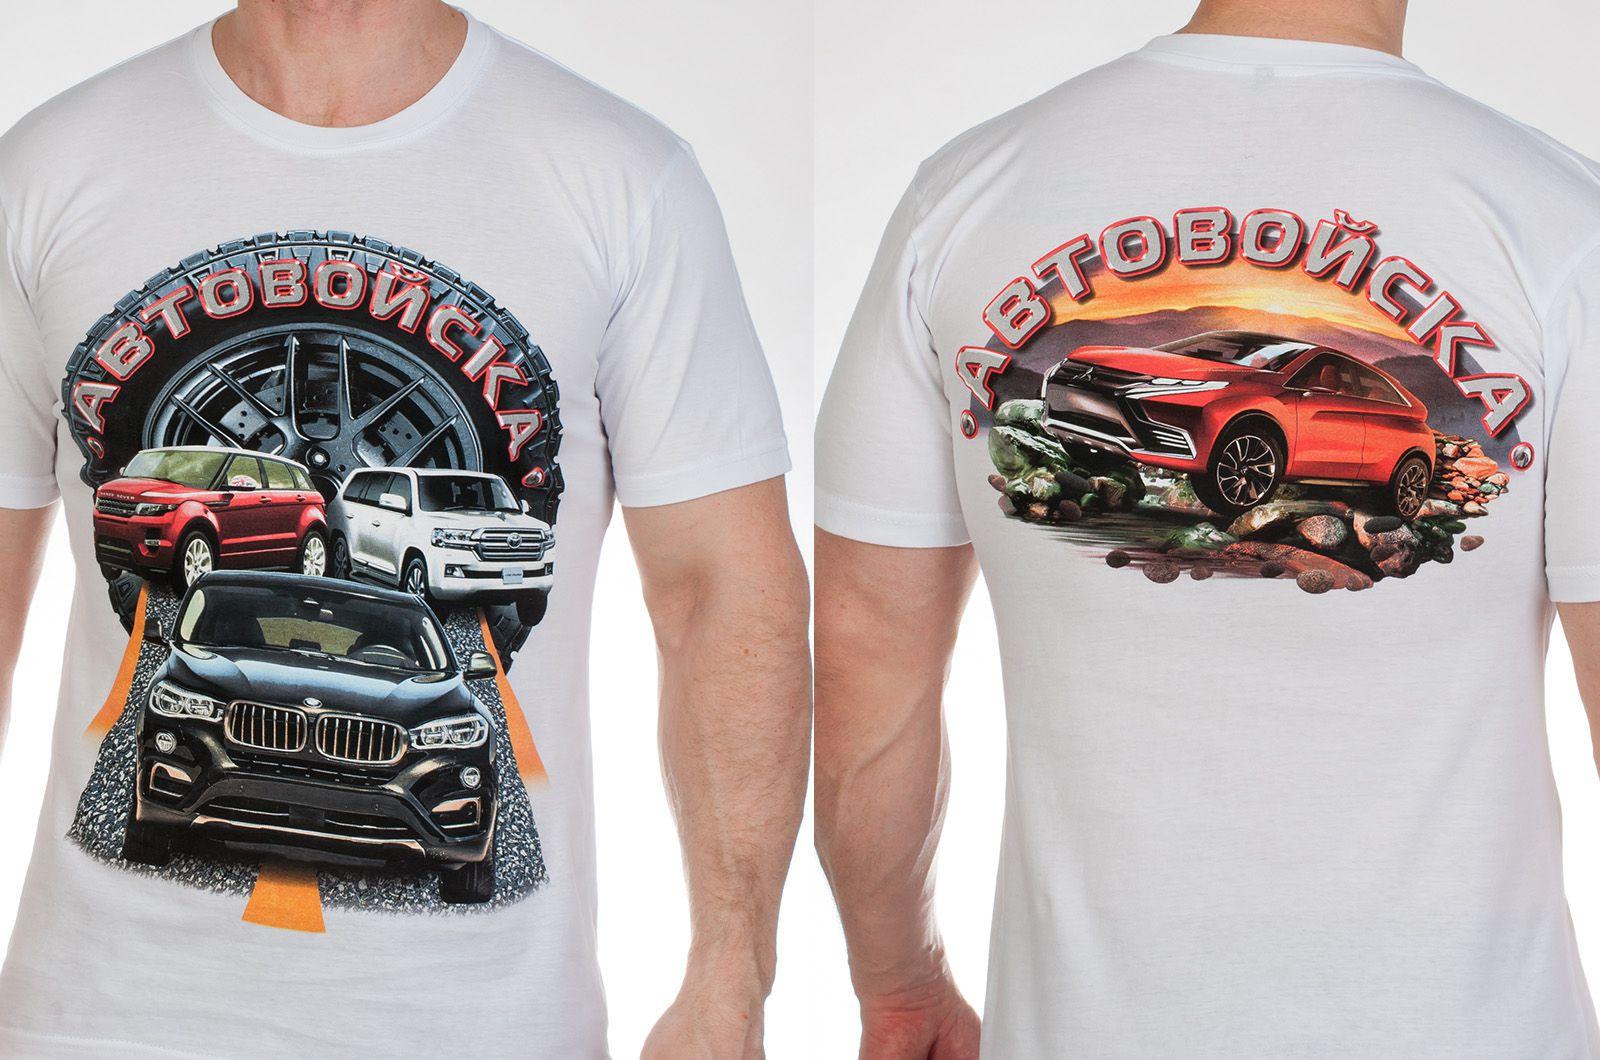 Заказывайте футболки Автомобилисту только в Военпро